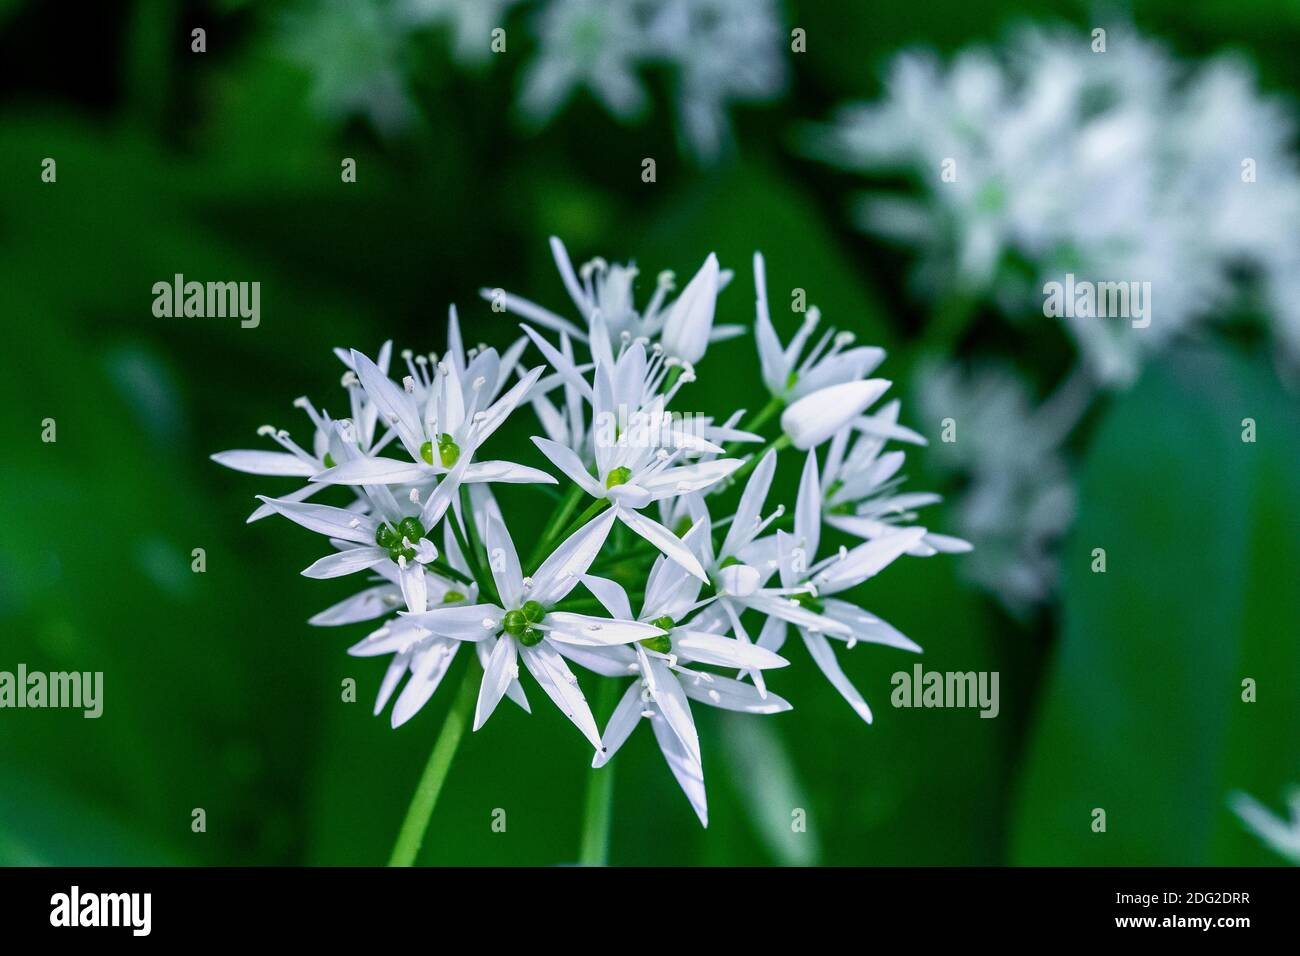 Bärlauch (Allium ursinum) Stock Photo